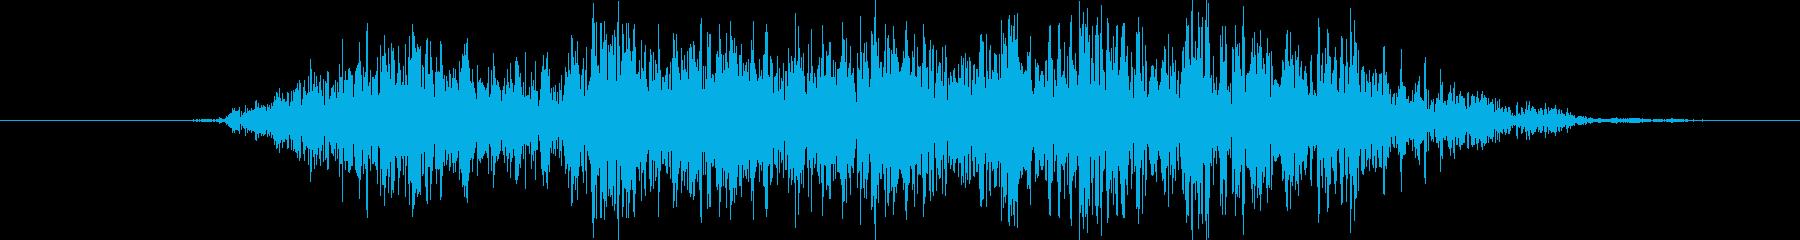 鳴き声 男性のささやきスペル04の再生済みの波形